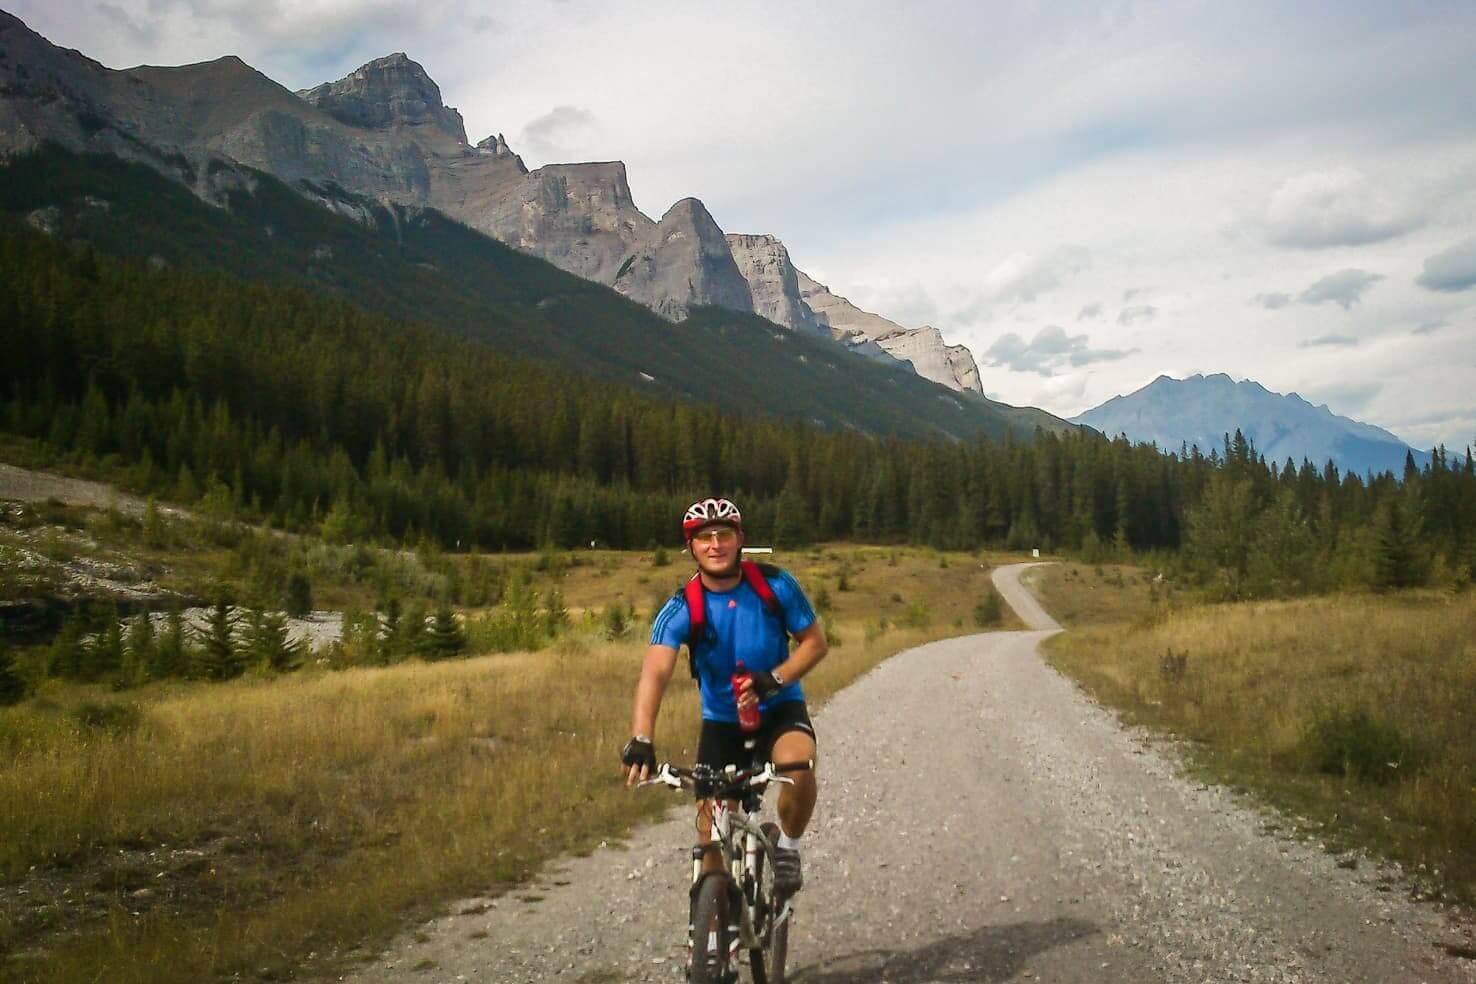 Bike trails around Banff - Canmore Nordic Centre